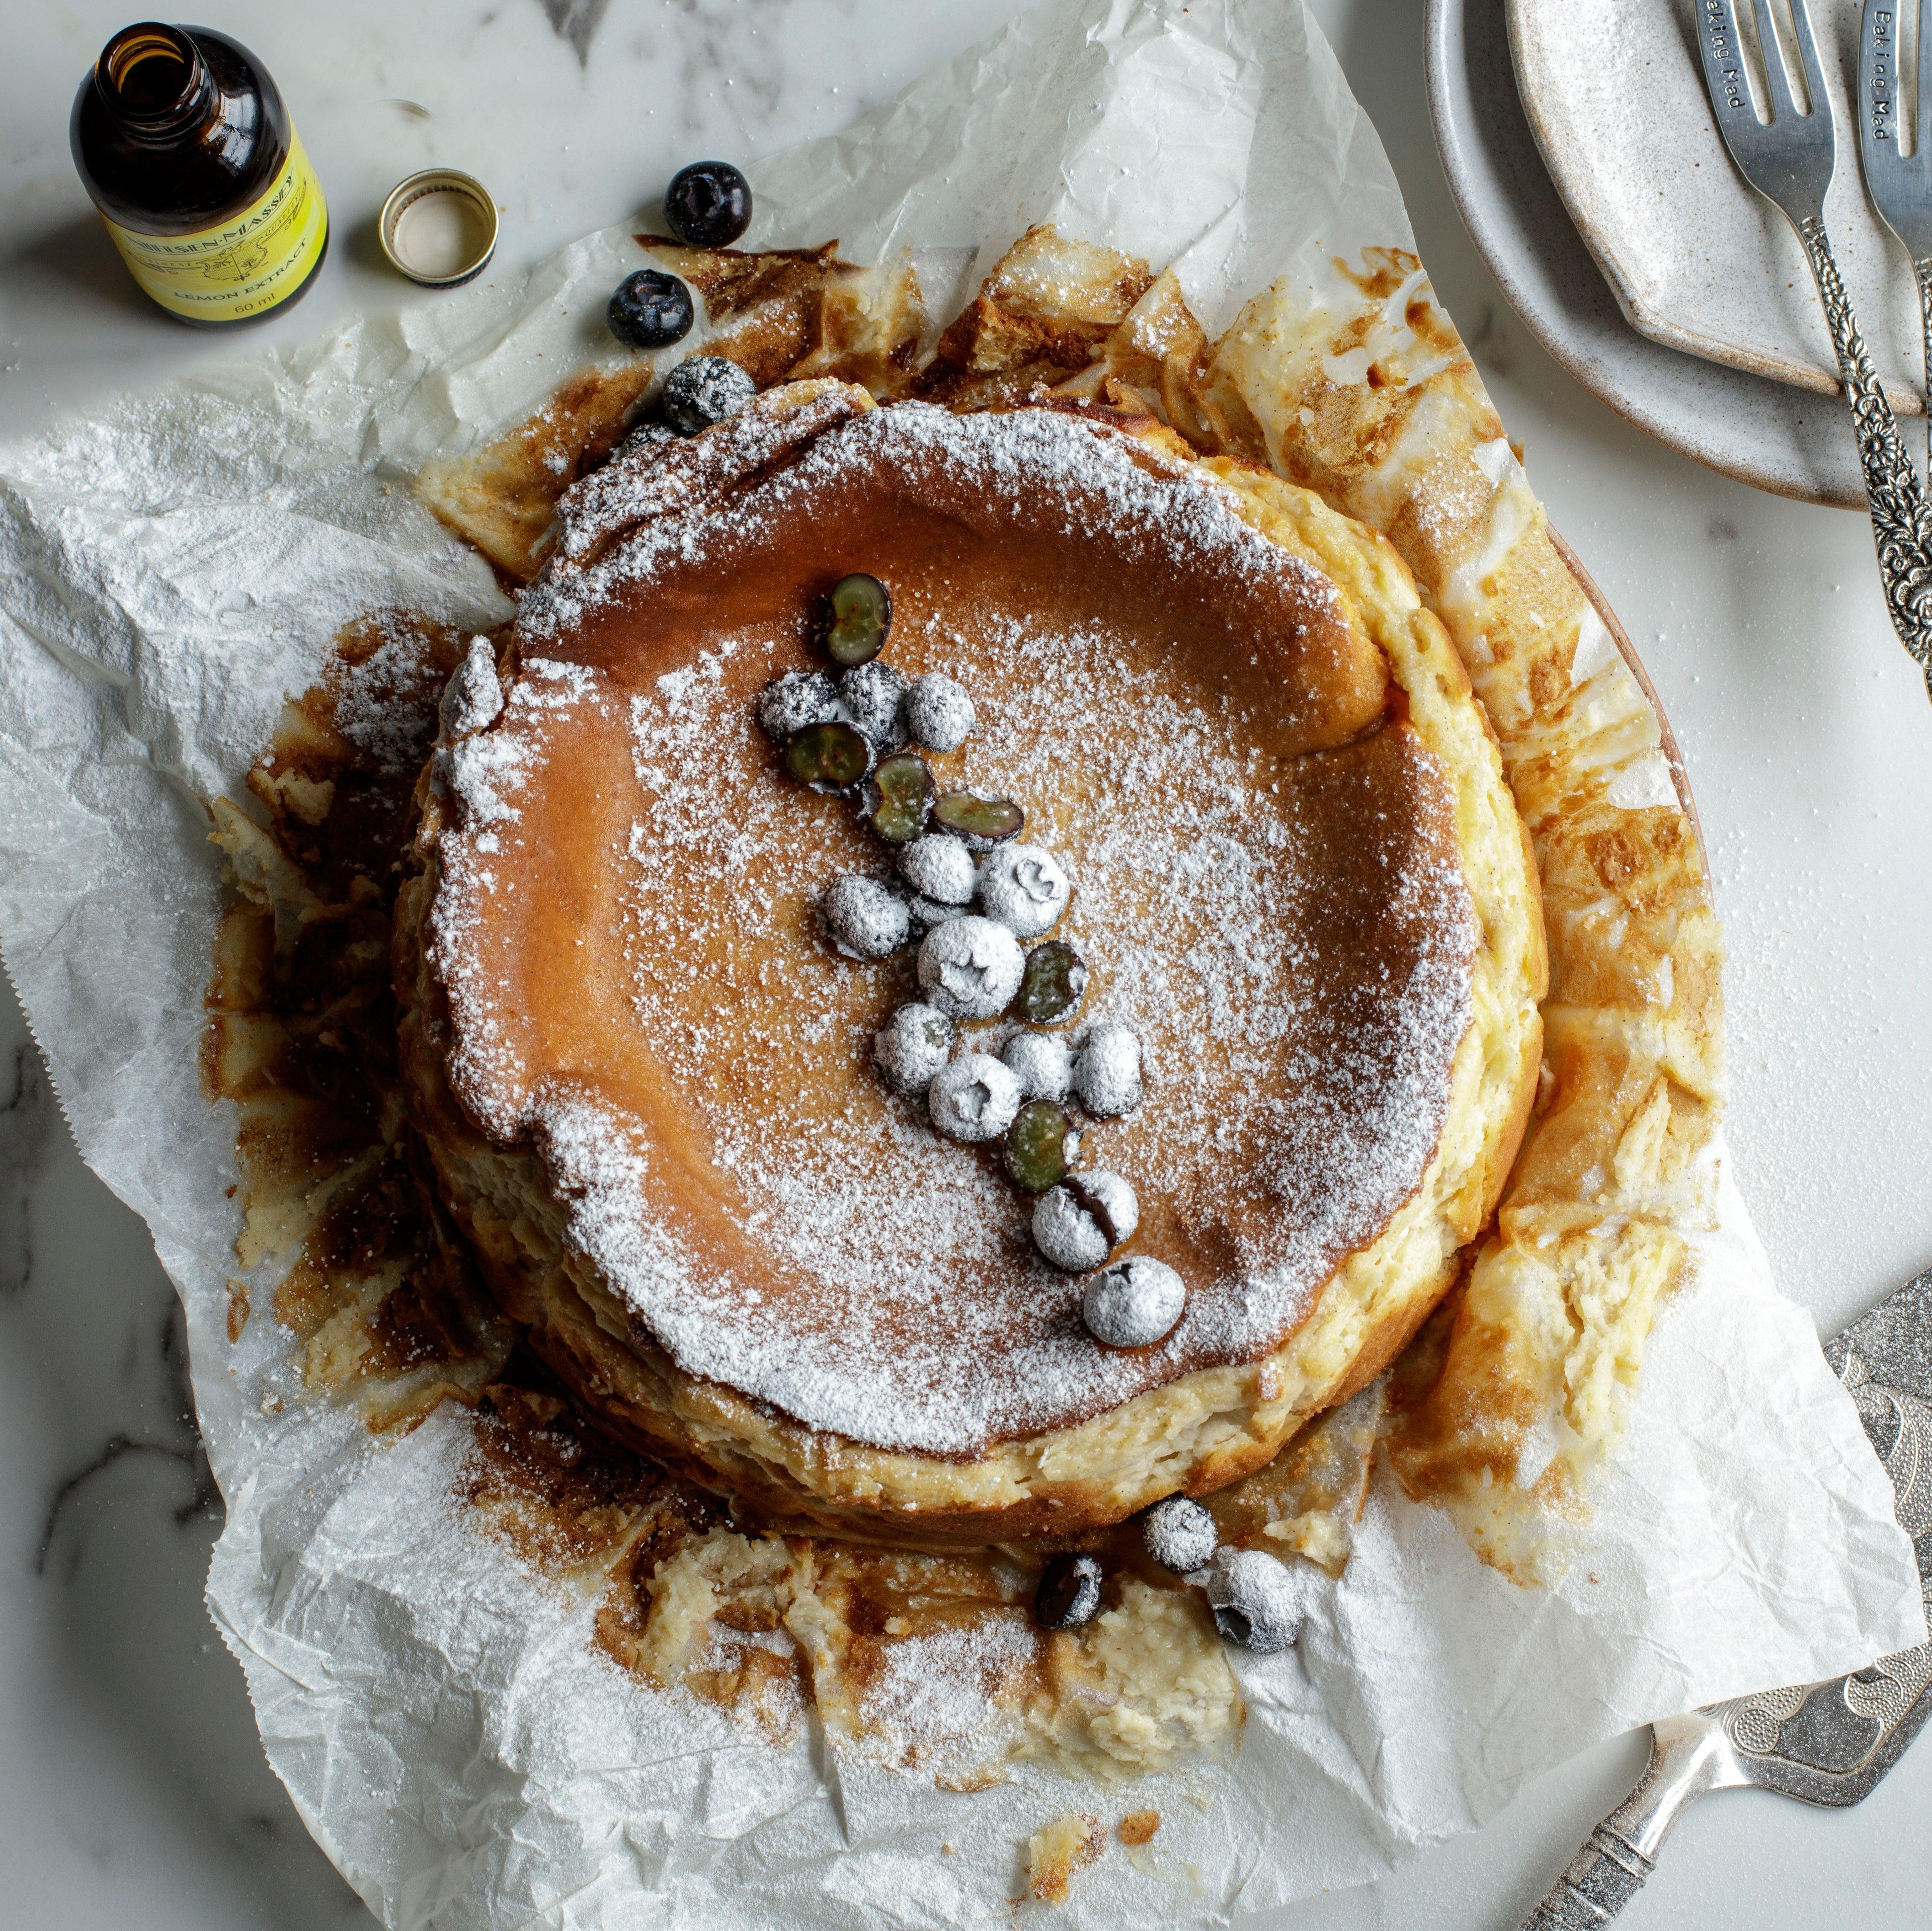 Baked-Lemon-Cheesecake-(2).jpg